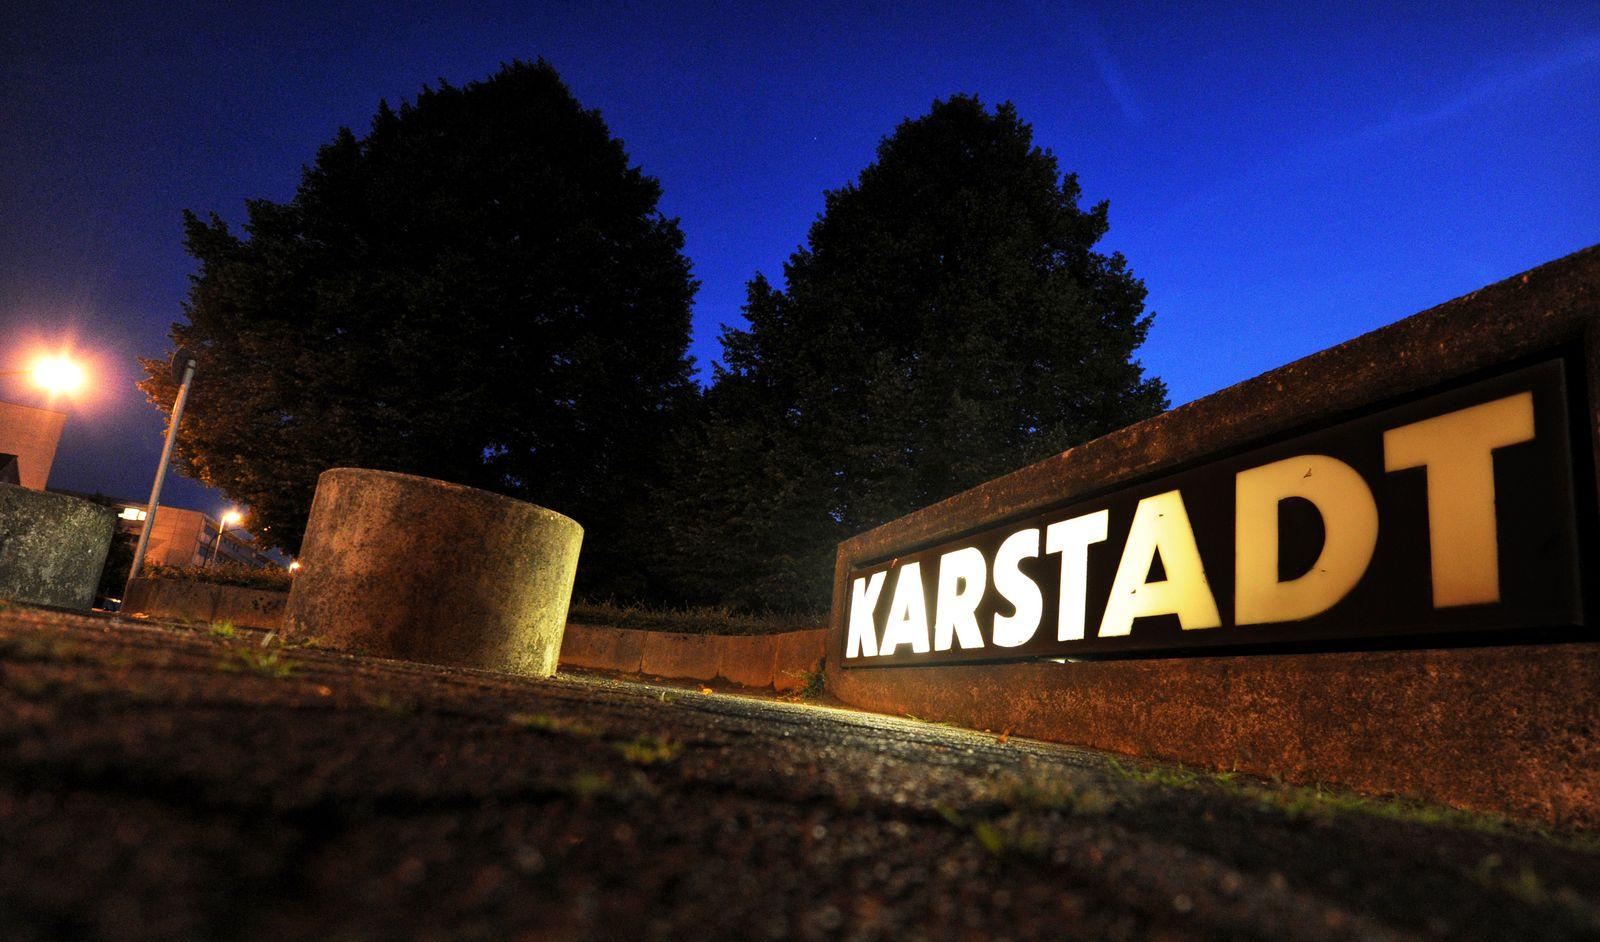 Karstadt / Hauptverwaltung Essen